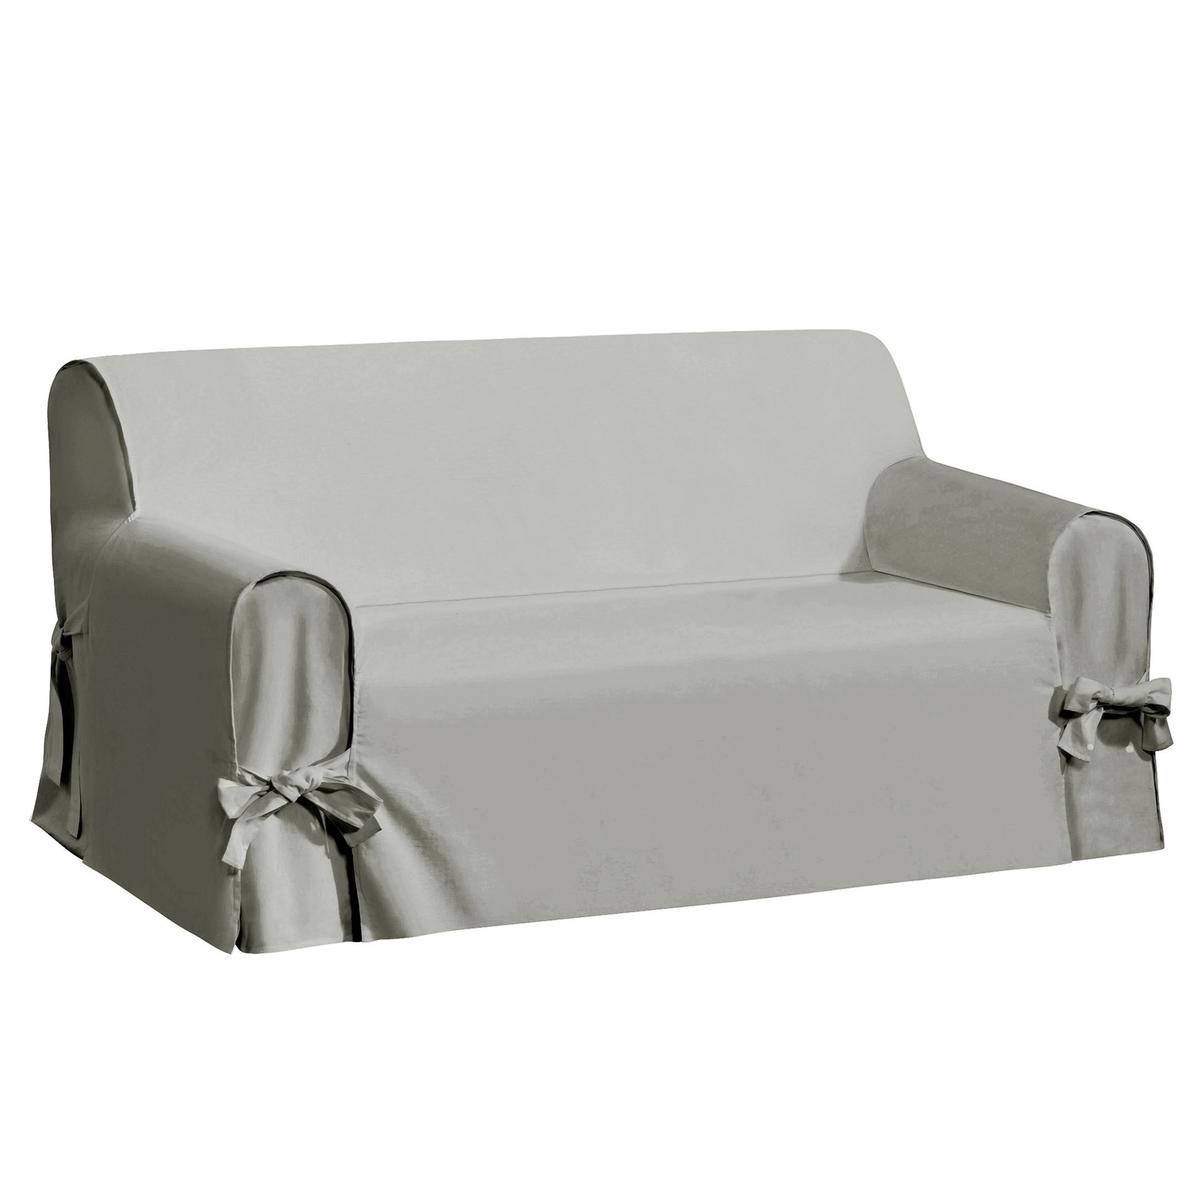 Чехол для диванаКачество VALEUR SURE. Плотная смесовая ткань исключительного качества,  55% льна, 45% хлопка. Общие размеры: общая высота 102 см, глубина сиденья 60 см. Стирка при 40°. Превосходная стойкость цвета к солнечным лучам. 2-местный диван: максимальная ширина 142 см, 2-3-местный диван: максимальная ширина 180 см. 3-местный диван: максимальная ширина 206 см.<br><br>Цвет: антрацит,белый,серо-бежевый,серо-коричневый каштан,серый,экрю<br>Размер: 3 местн..2 места.3 местн..2 места.2/3 мест.2/3 мест.2 места.3 местн..2 места.3 местн.